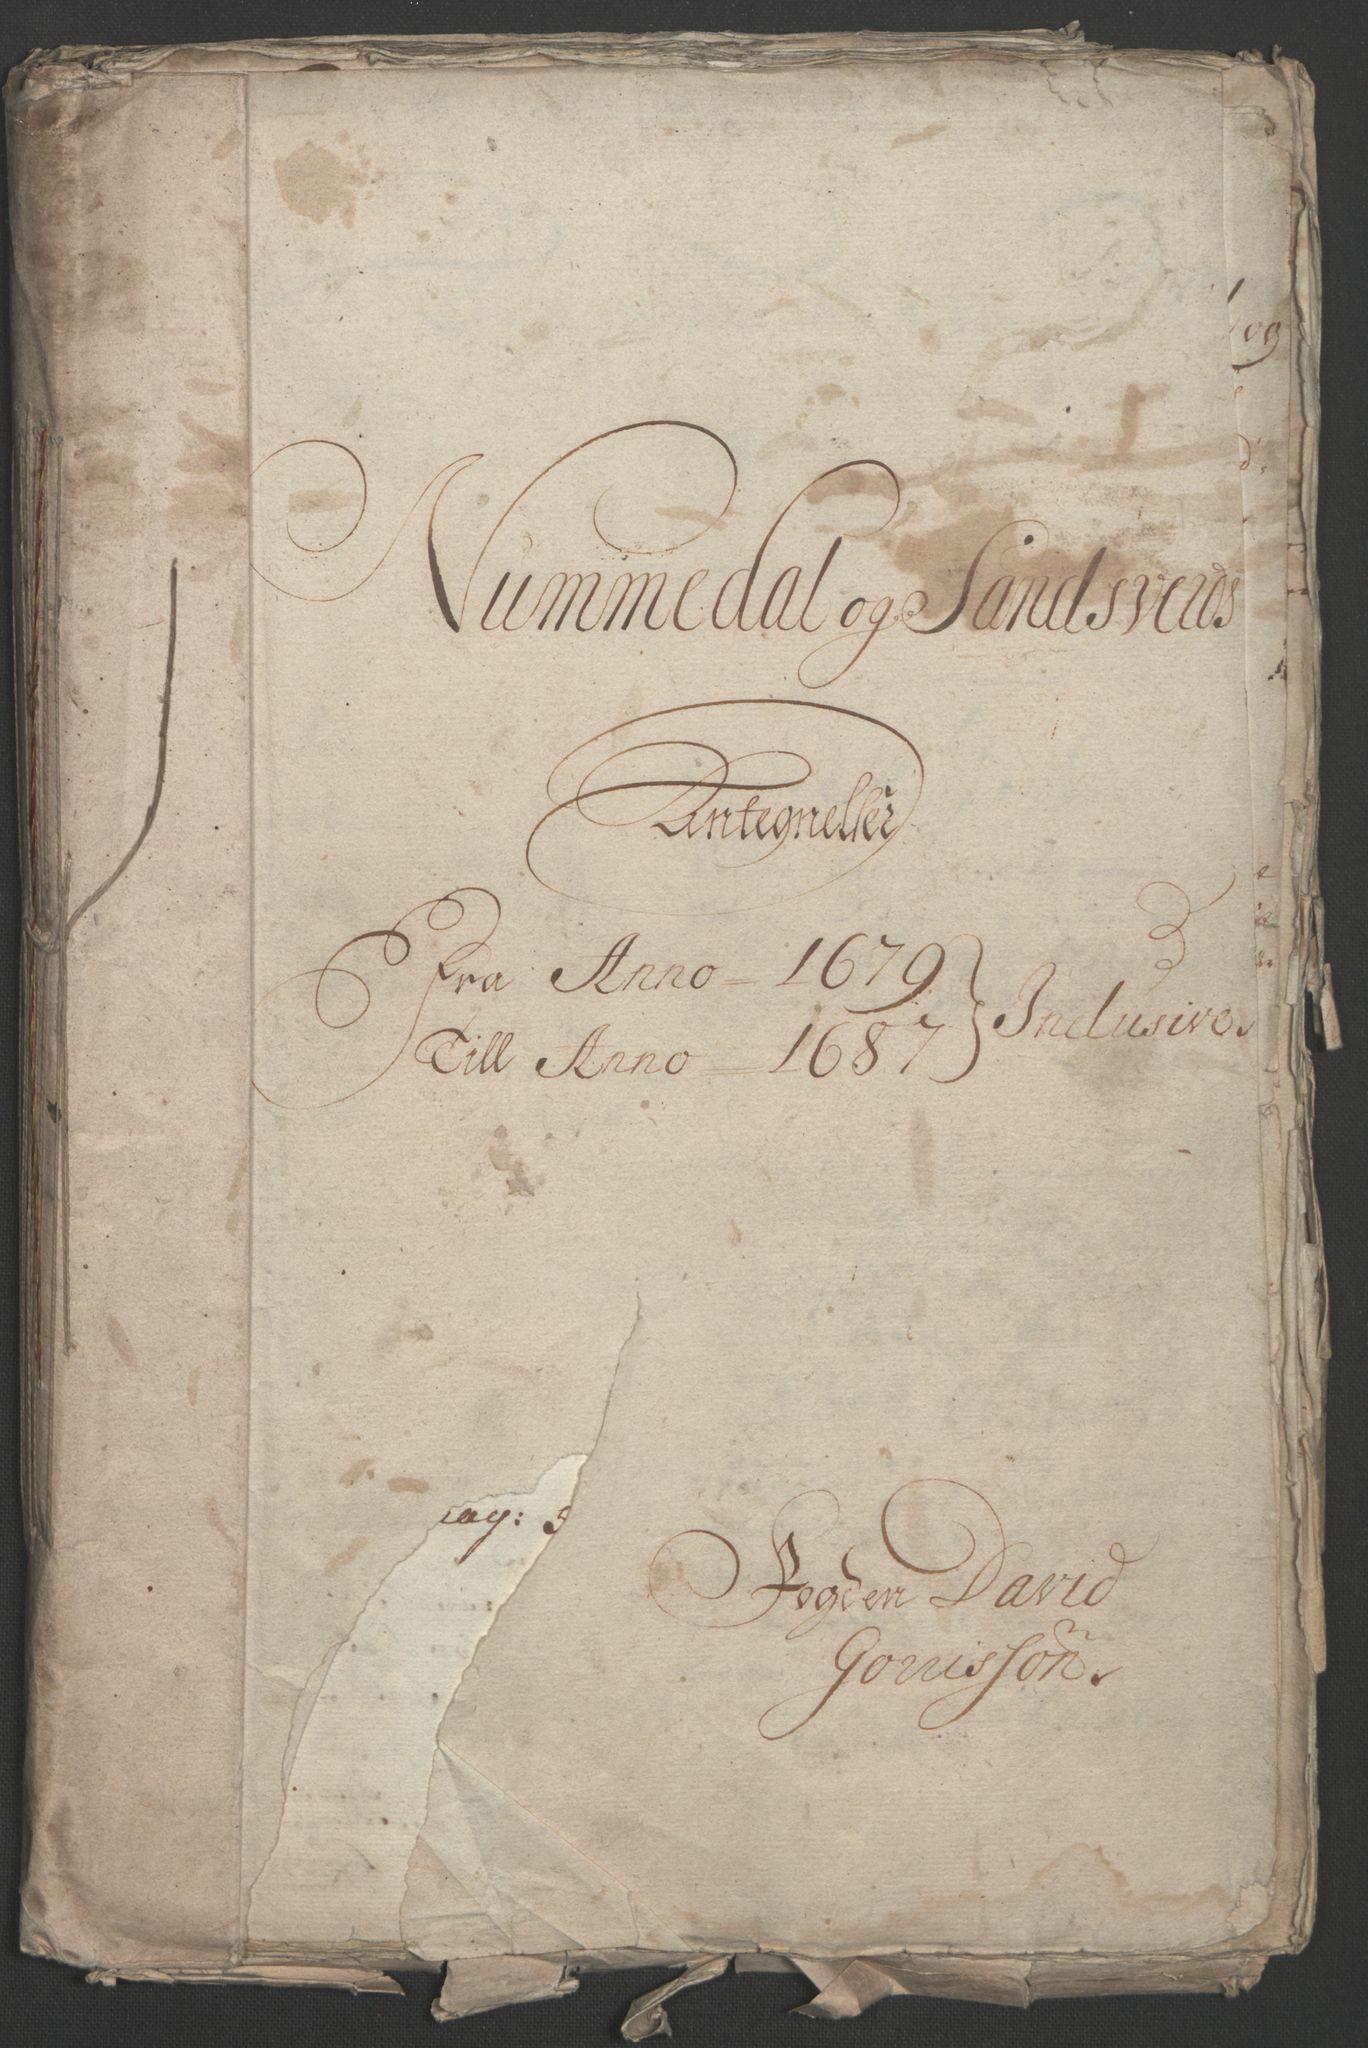 RA, Rentekammeret inntil 1814, Reviderte regnskaper, Fogderegnskap, R24/L1572: Fogderegnskap Numedal og Sandsvær, 1679-1686, s. 256